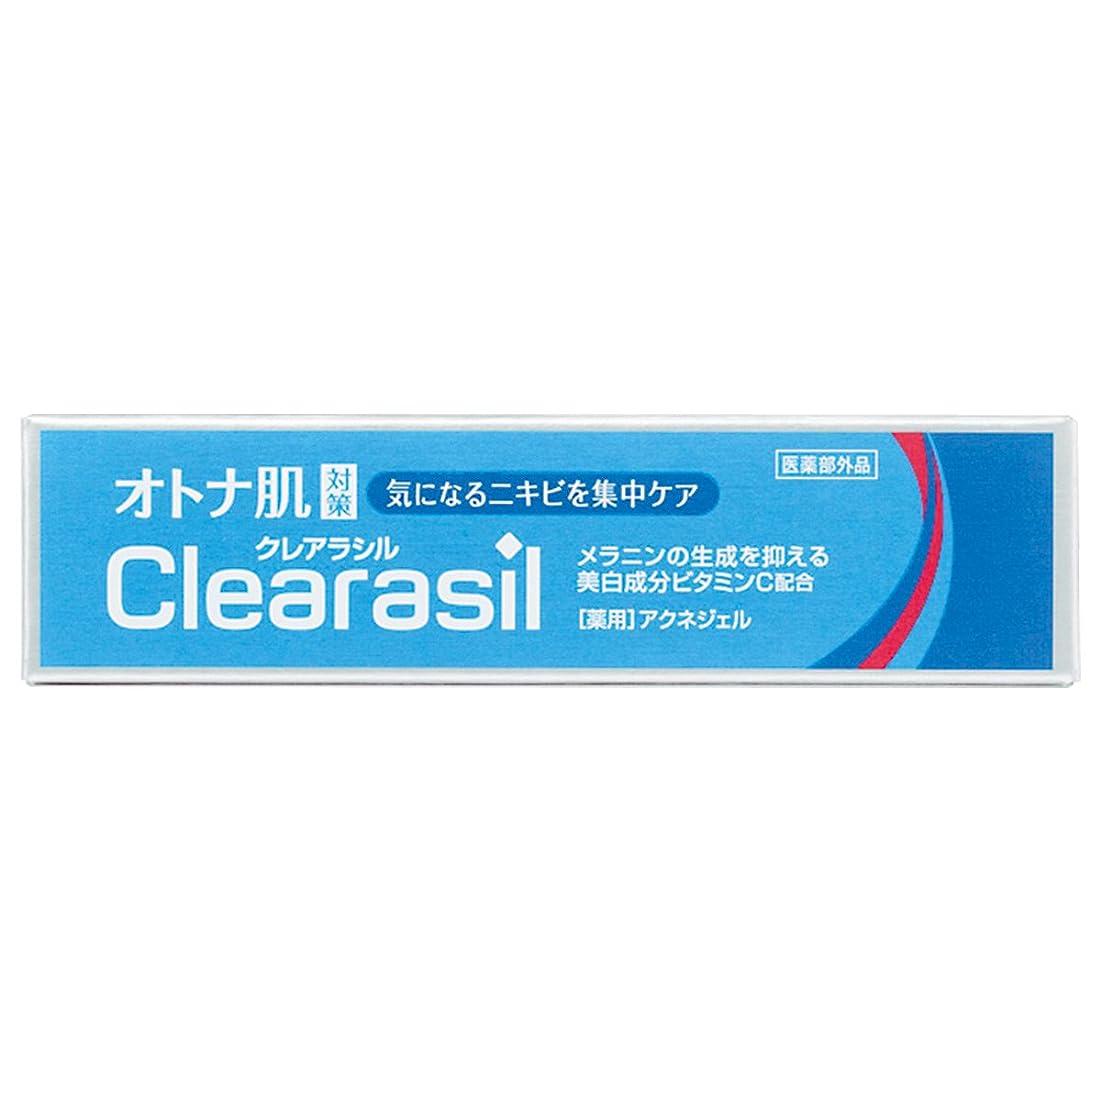 シェトランド諸島梨トリプル【医薬部外品】クレアラシル オトナ肌対策 14G